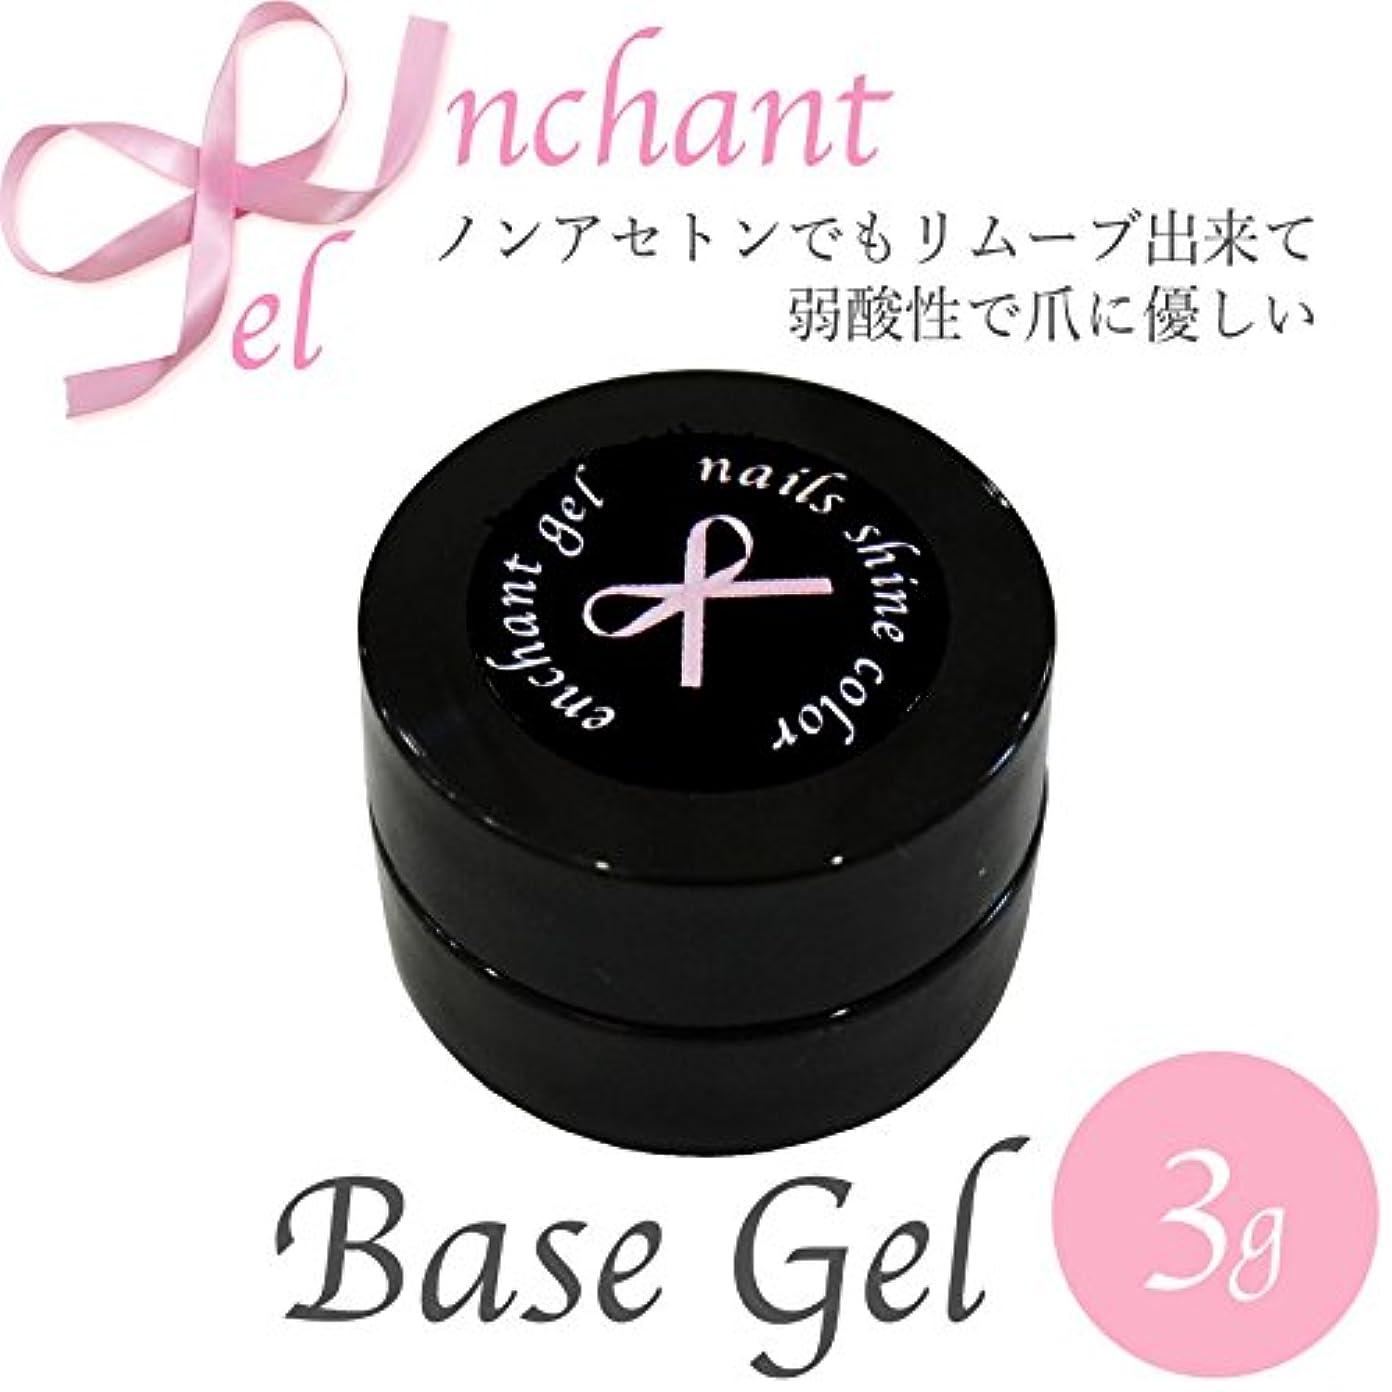 ロッドボランティア失enchant gel clear base gel 3g/エンチャントジェル クリアーベースジェル 3グラム